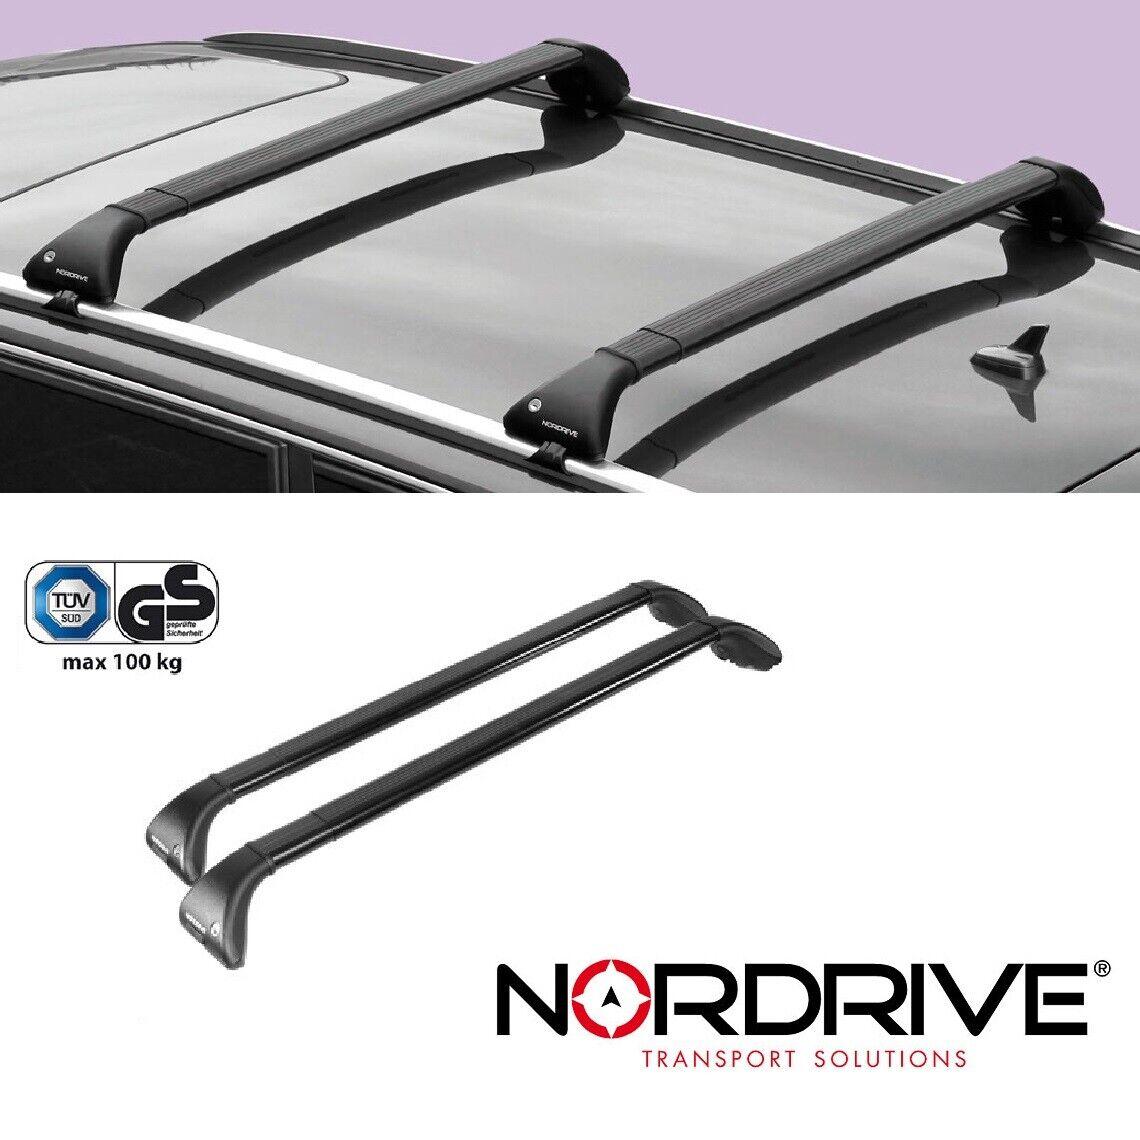 Barre portatutto per Opel Mokka dal 11//2012 al 03//2016 dotate di serratura antifurto portapacchi Nordrive Snap Steel in acciaio nero